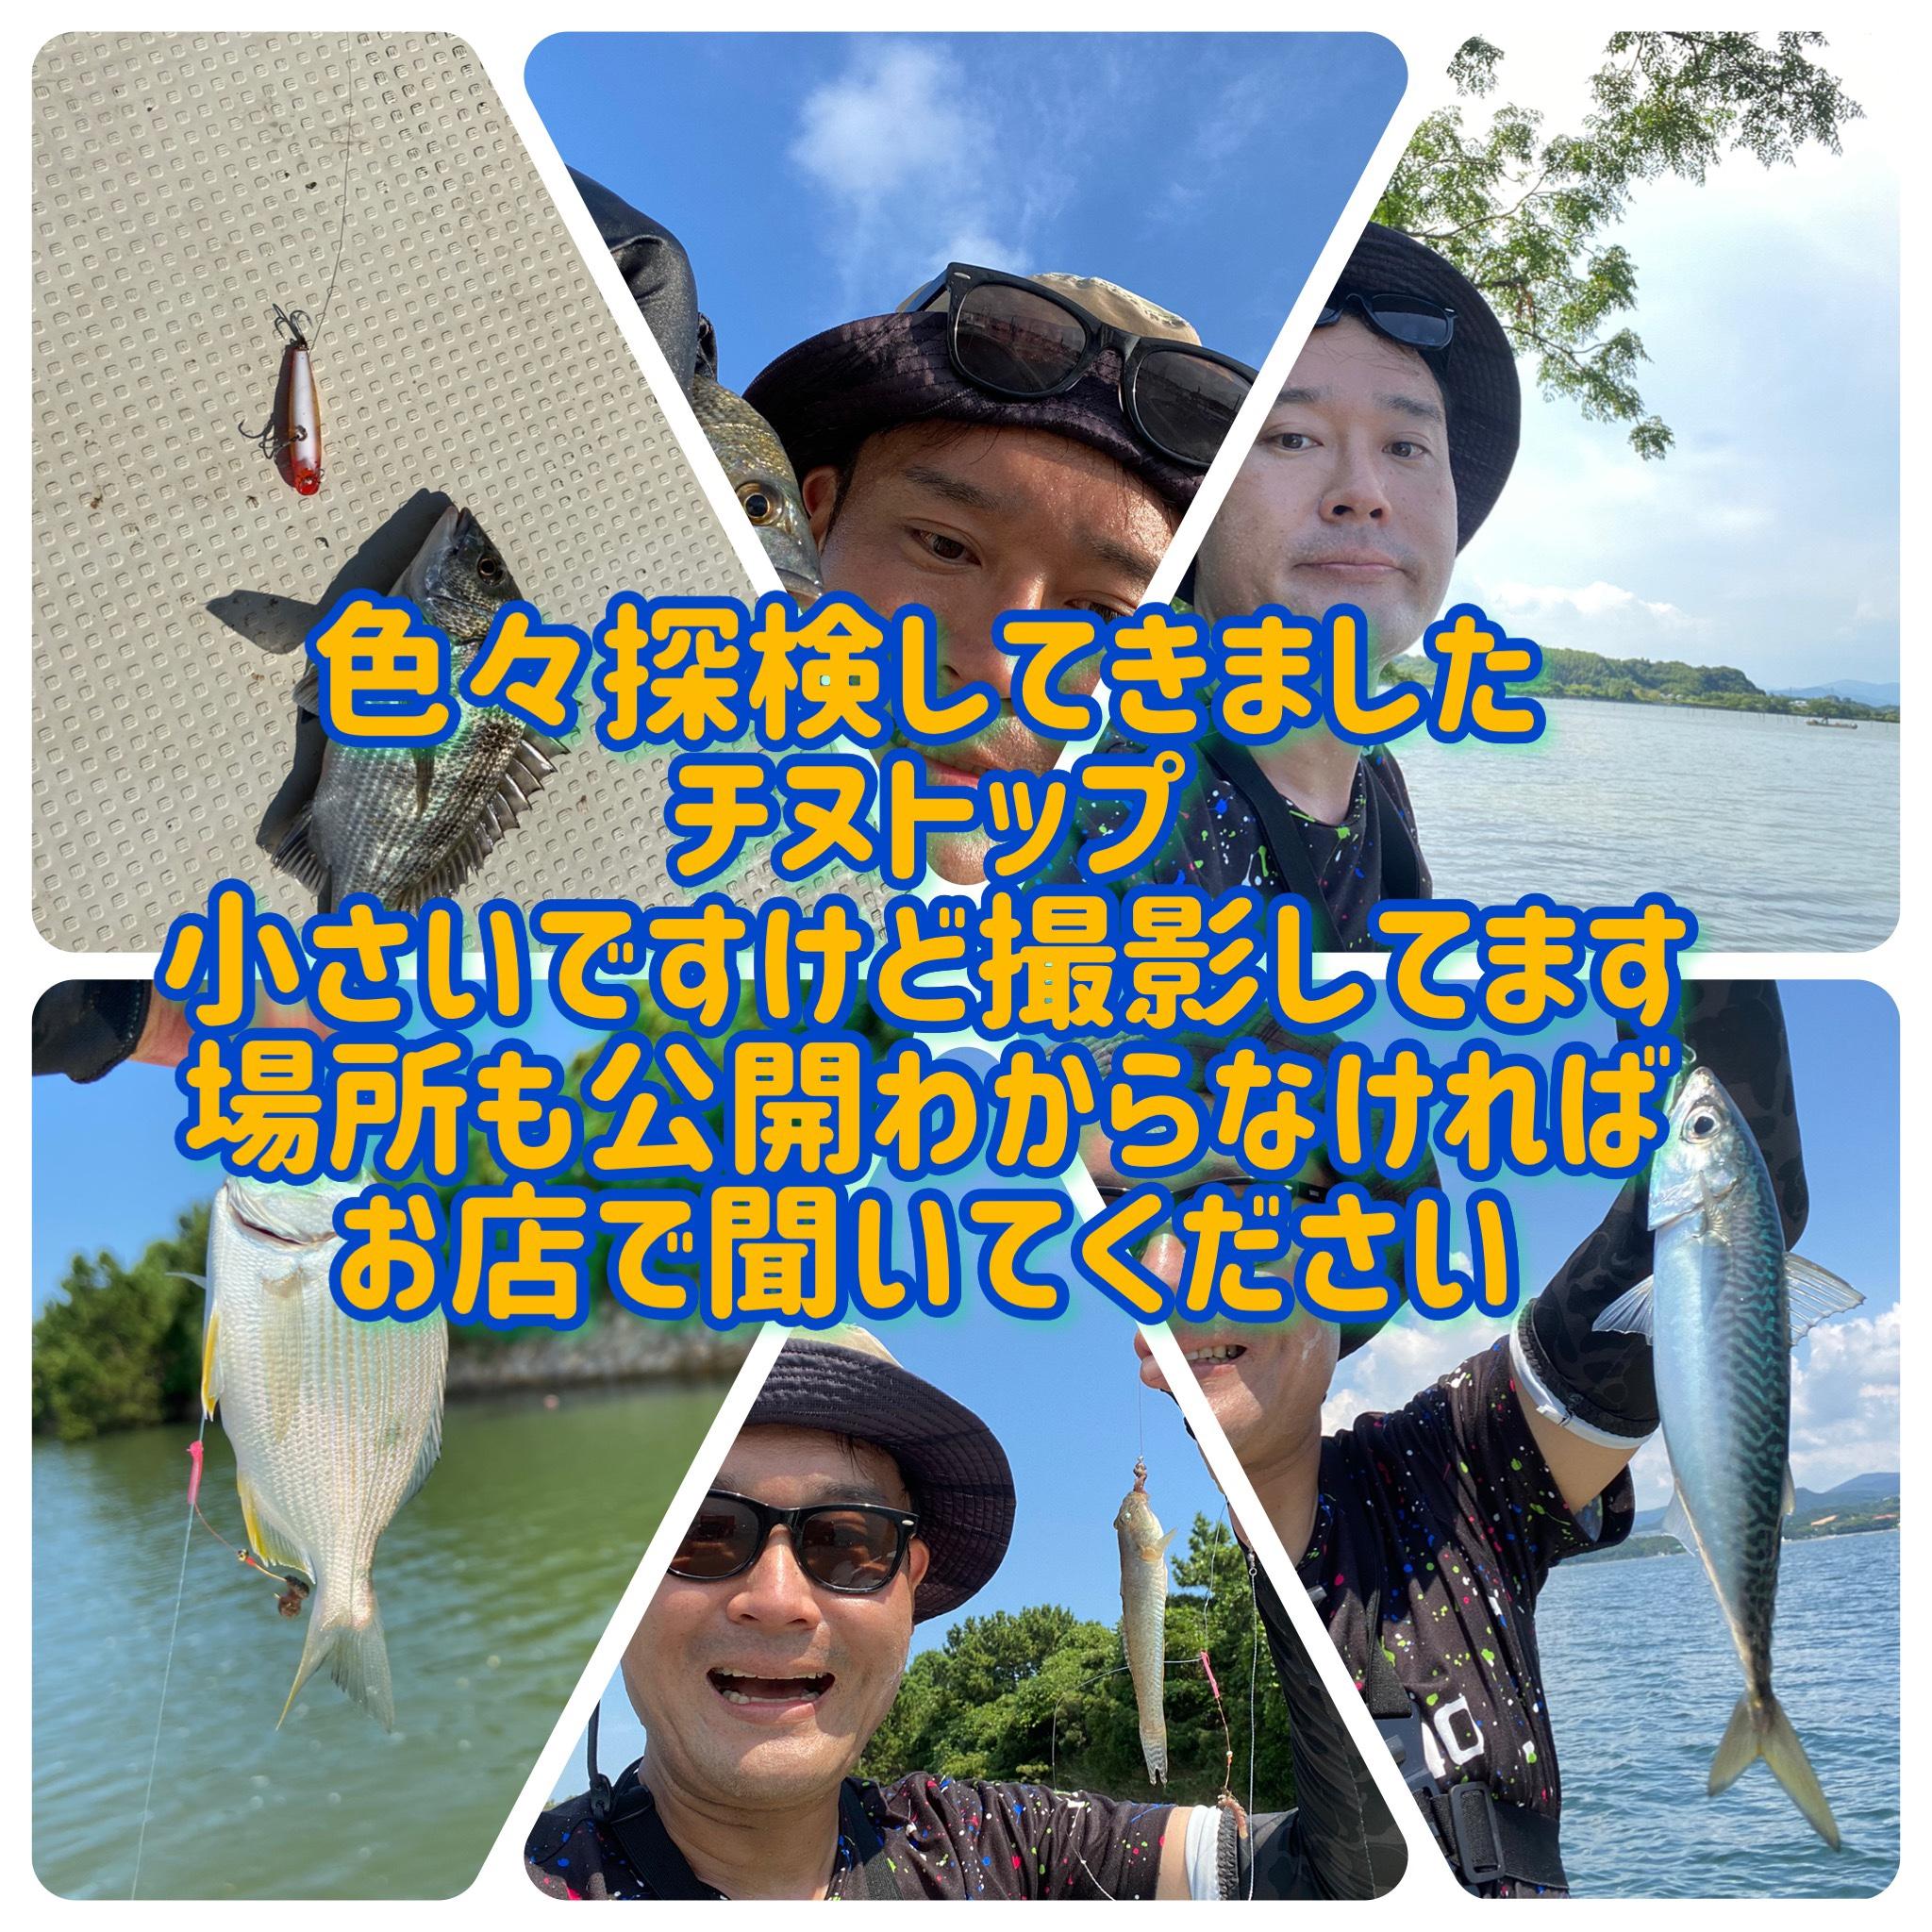 浜名湖チヌトップ ハゼ 青物ライトジギング 安田の浜名湖調査